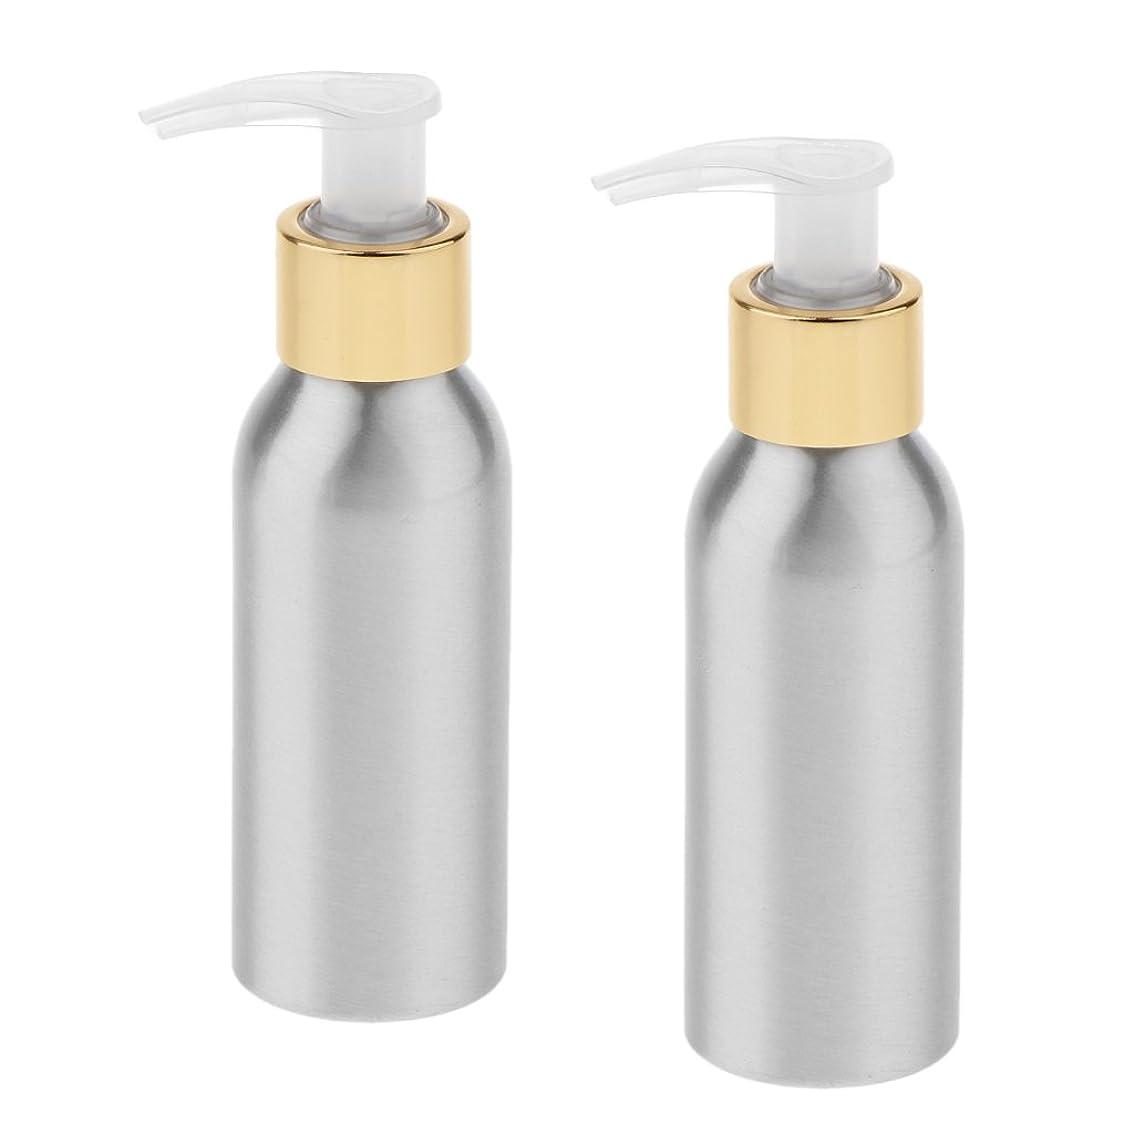 長いです通知回転させるKesoto 2本 スプレーボトル 空ボトル アルミボトル スプレー ポンプボトル 香水ボトル シャンプー 噴霧器 アトマイザー 6サイズ選択 - 250ml